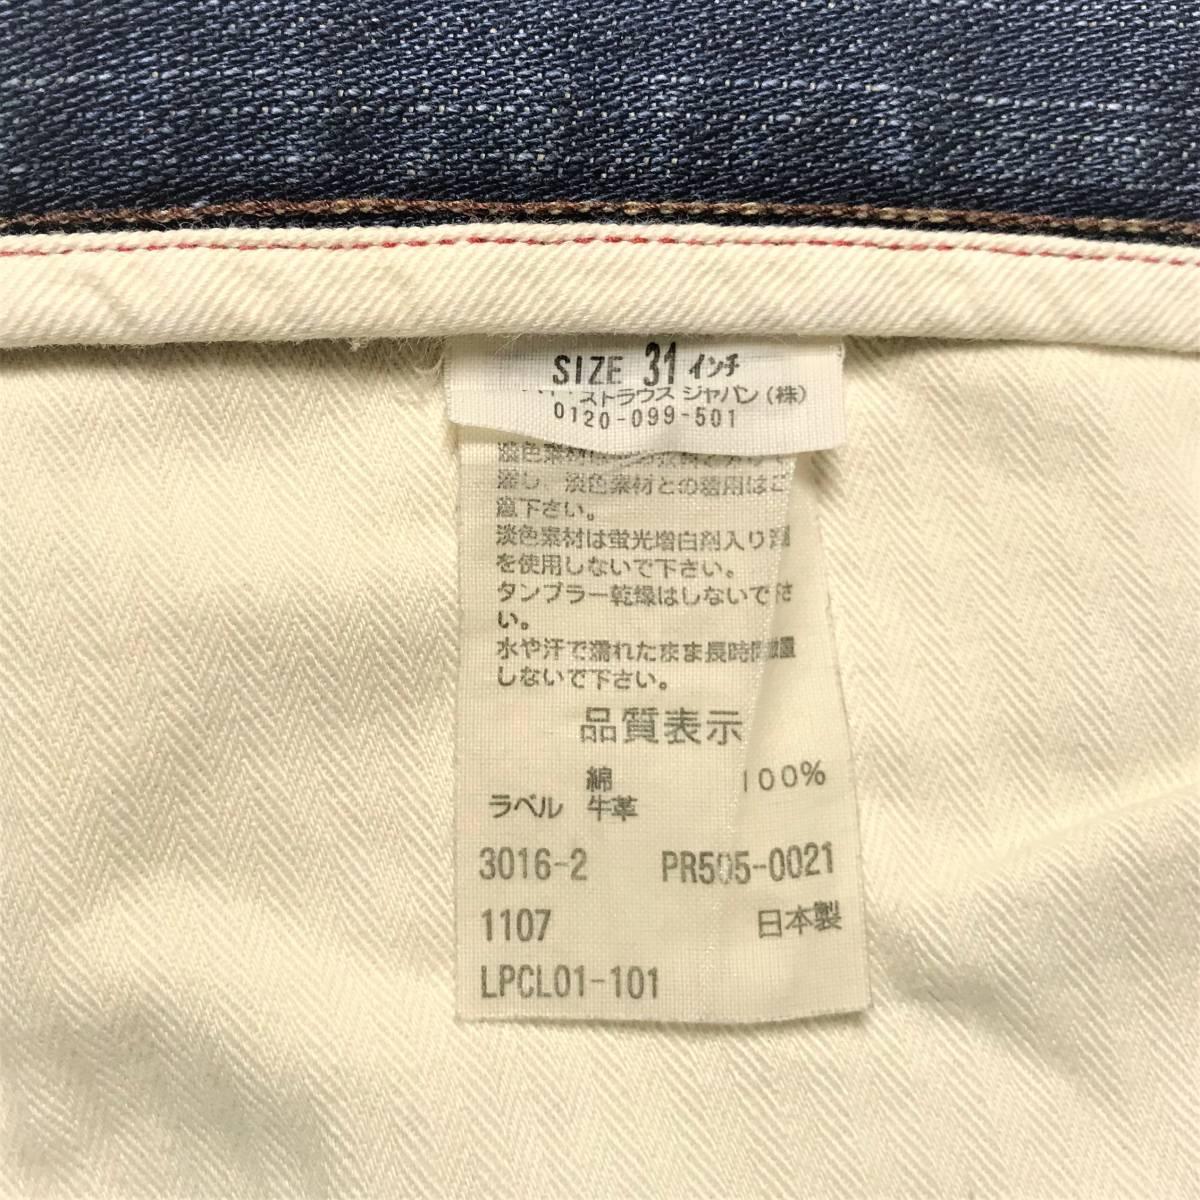 LEVISリーバイス PR505プレミアムストレートジーンズ メンズ31インチ79cm 日本製 柔らか左綾織りブロークンデニム_画像8